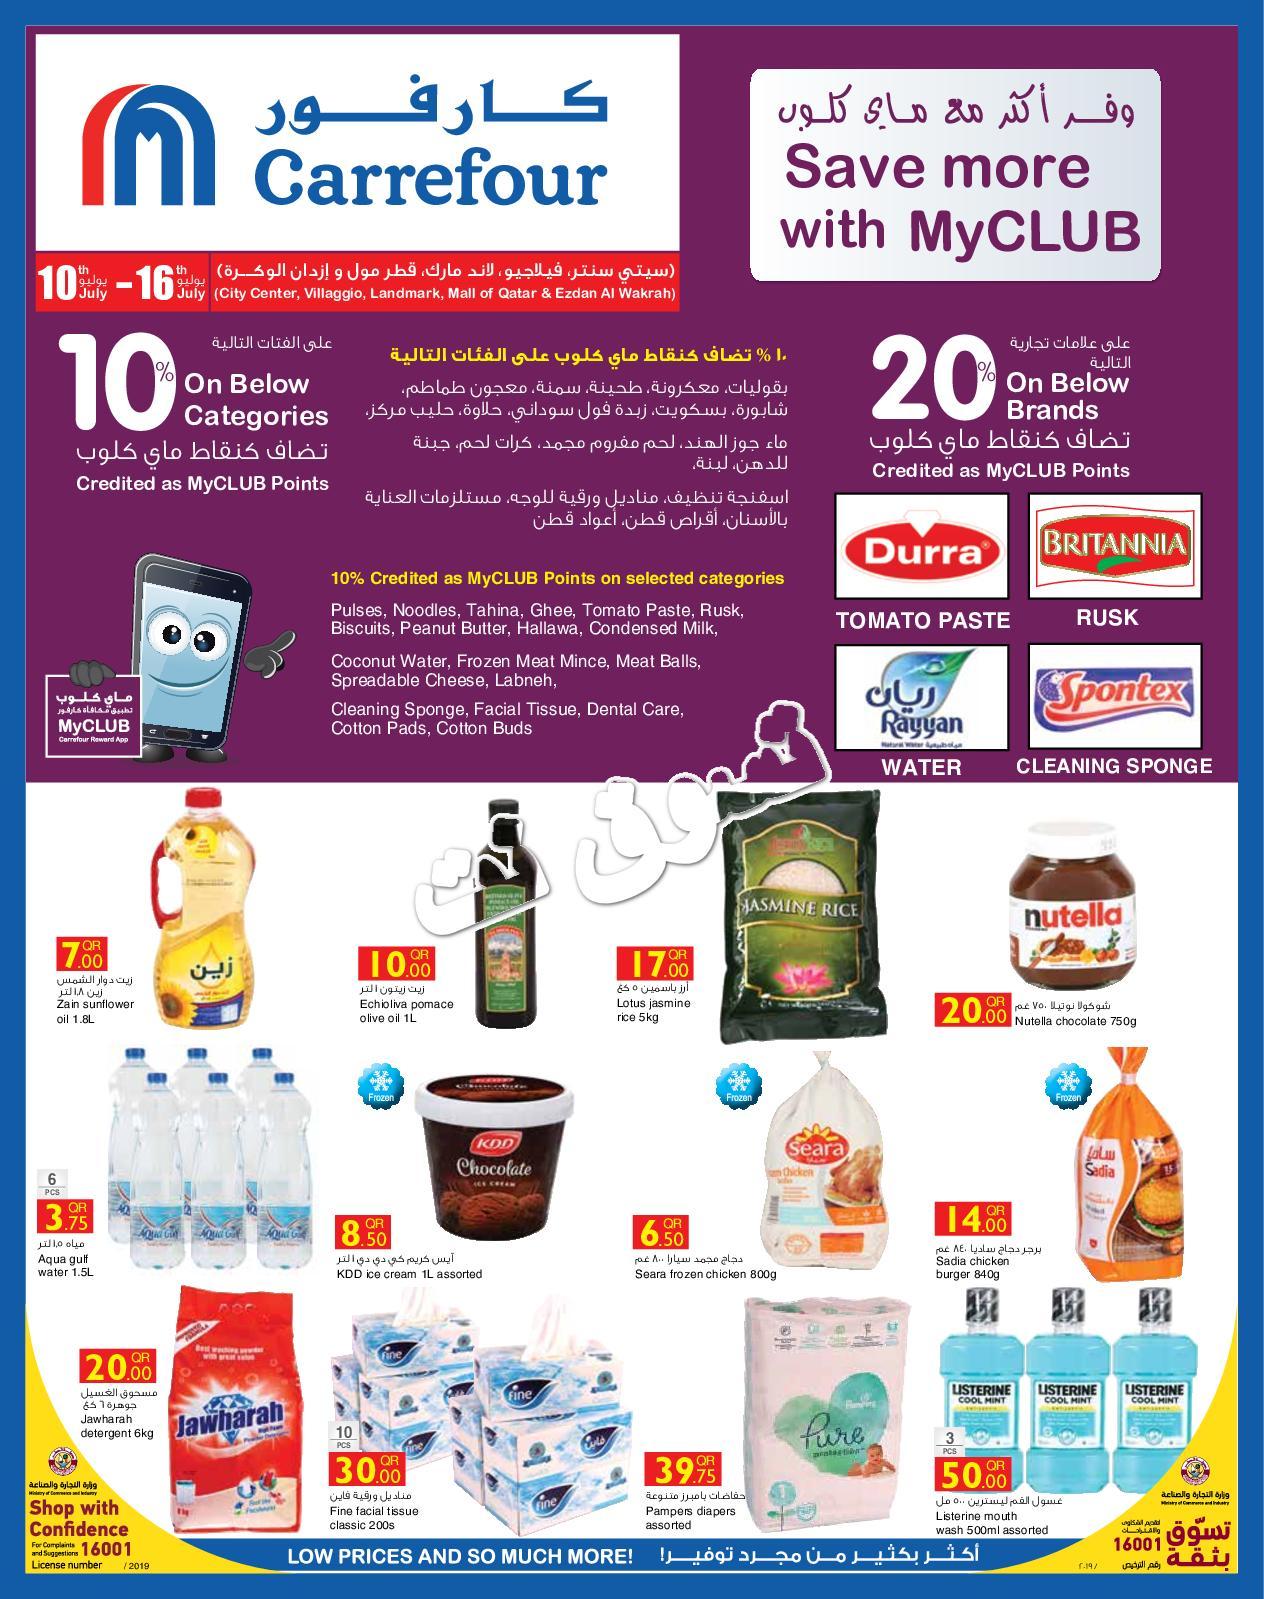 Calaméo Tsawq Net Carrefour Hypermarket Qatar 10 7 2019